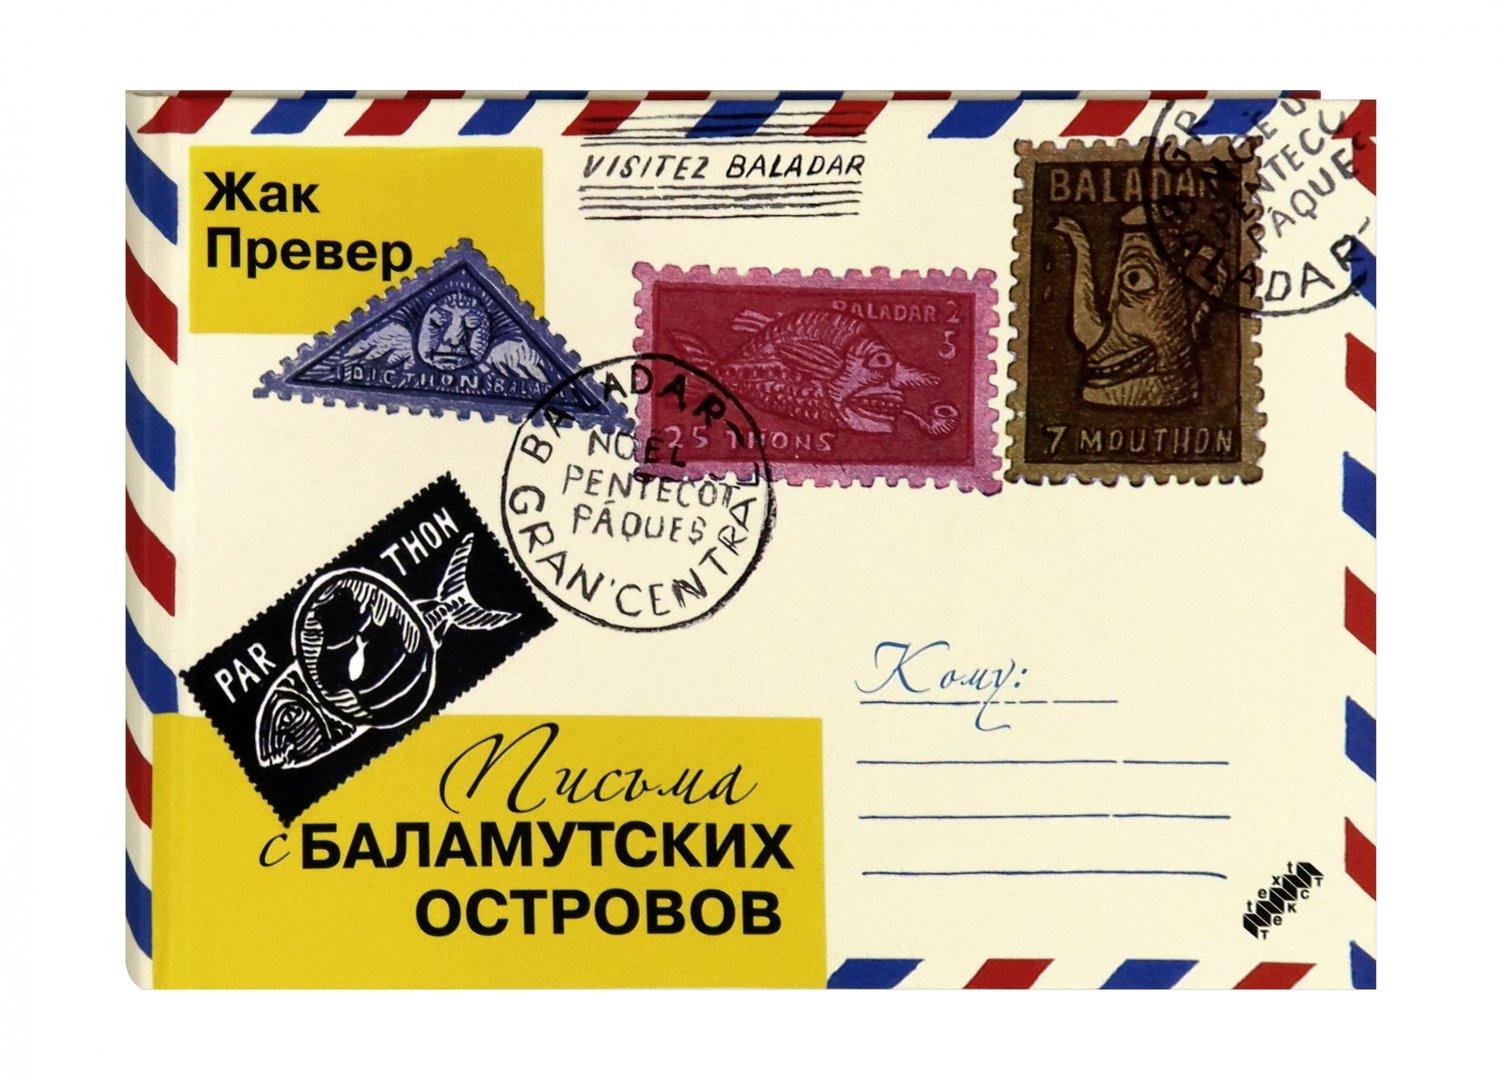 Иллюстрация 1 из 40 для Письма с Баламутских островов - Жак Превер | Лабиринт - книги. Источник: Лабиринт